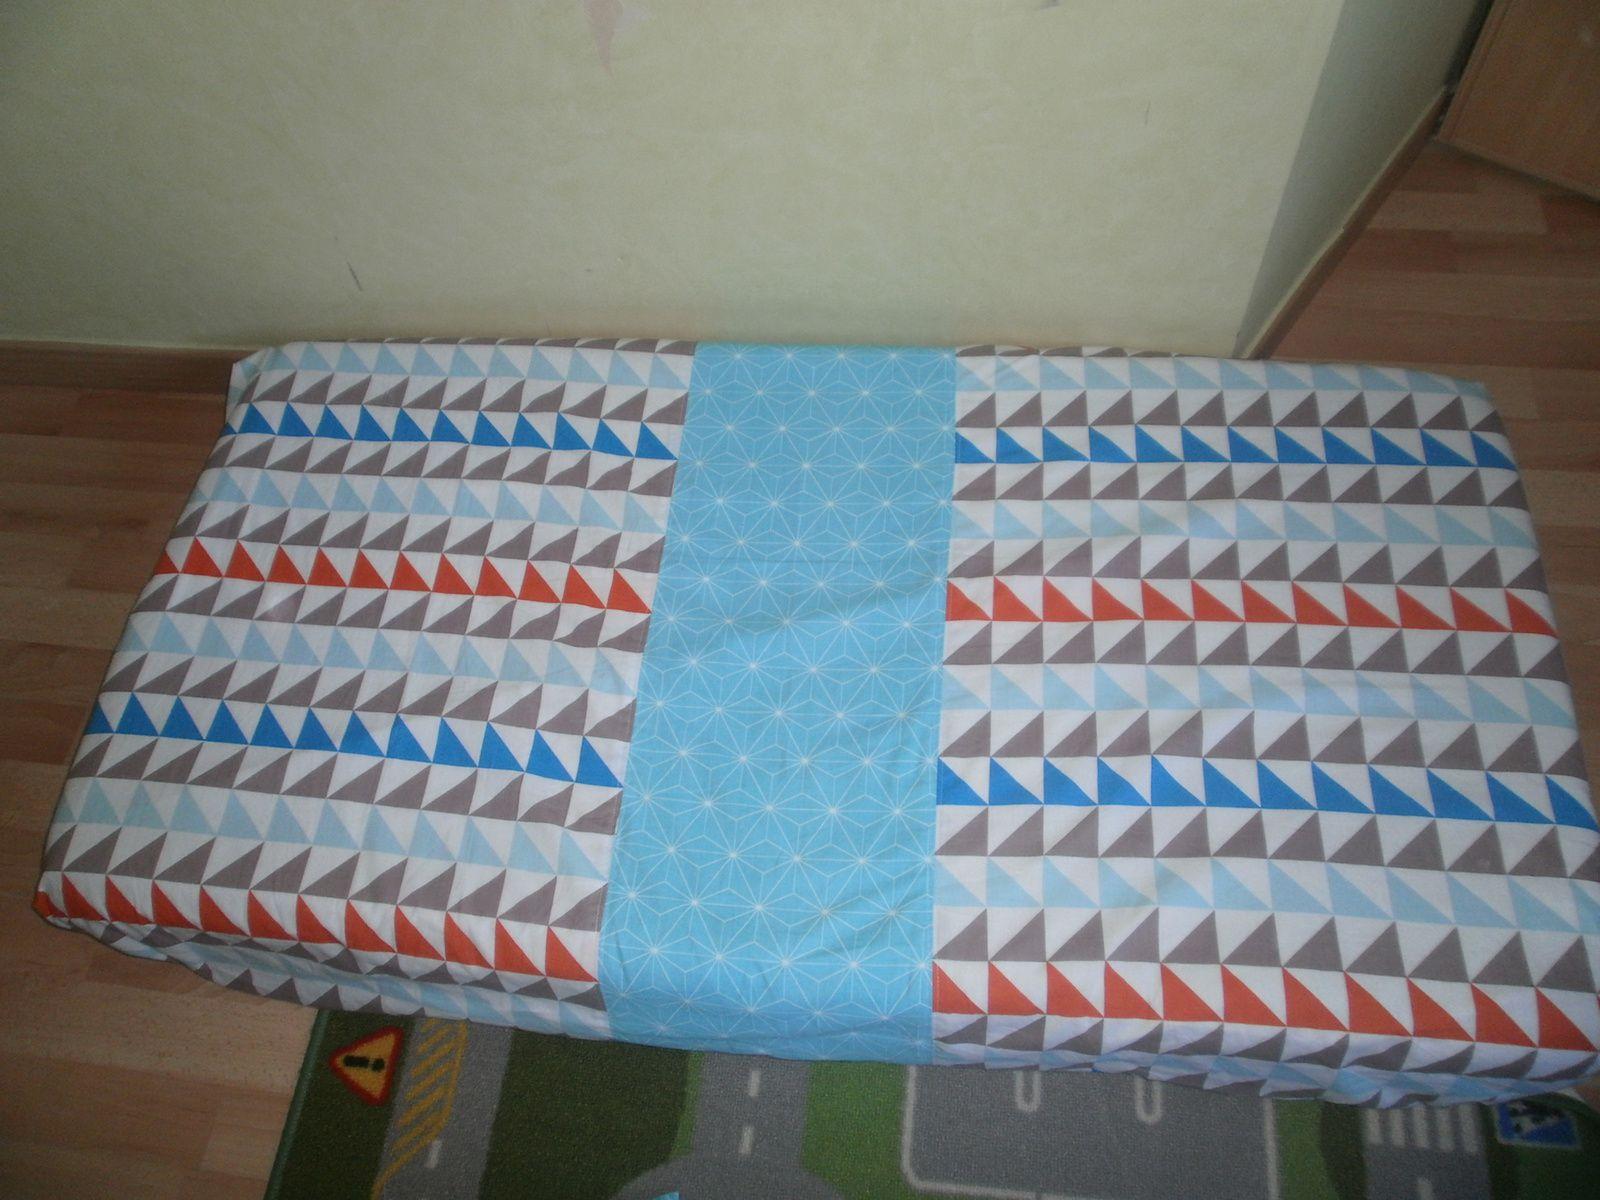 détail du matelas composé d'une bande centrale en tissu bleu clair à forme géométrique de Montial tissus et 2 bandes de tissus multicolores à formes triangulaires de Chez Mondial Tissus